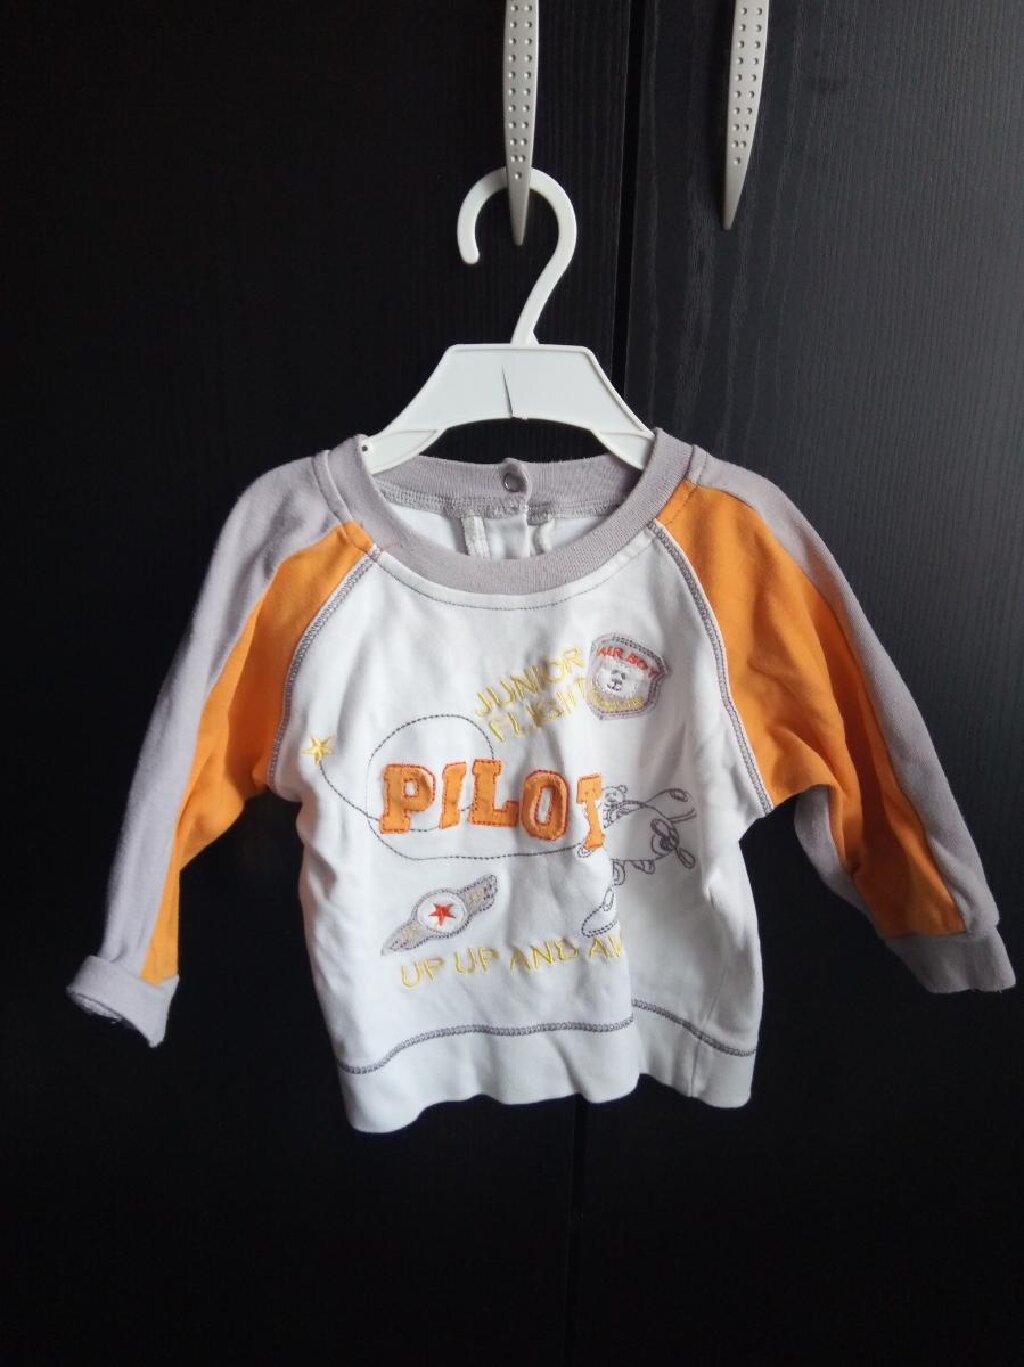 Decija bluza bez ostecenja. Za uzrast do 12 meseci